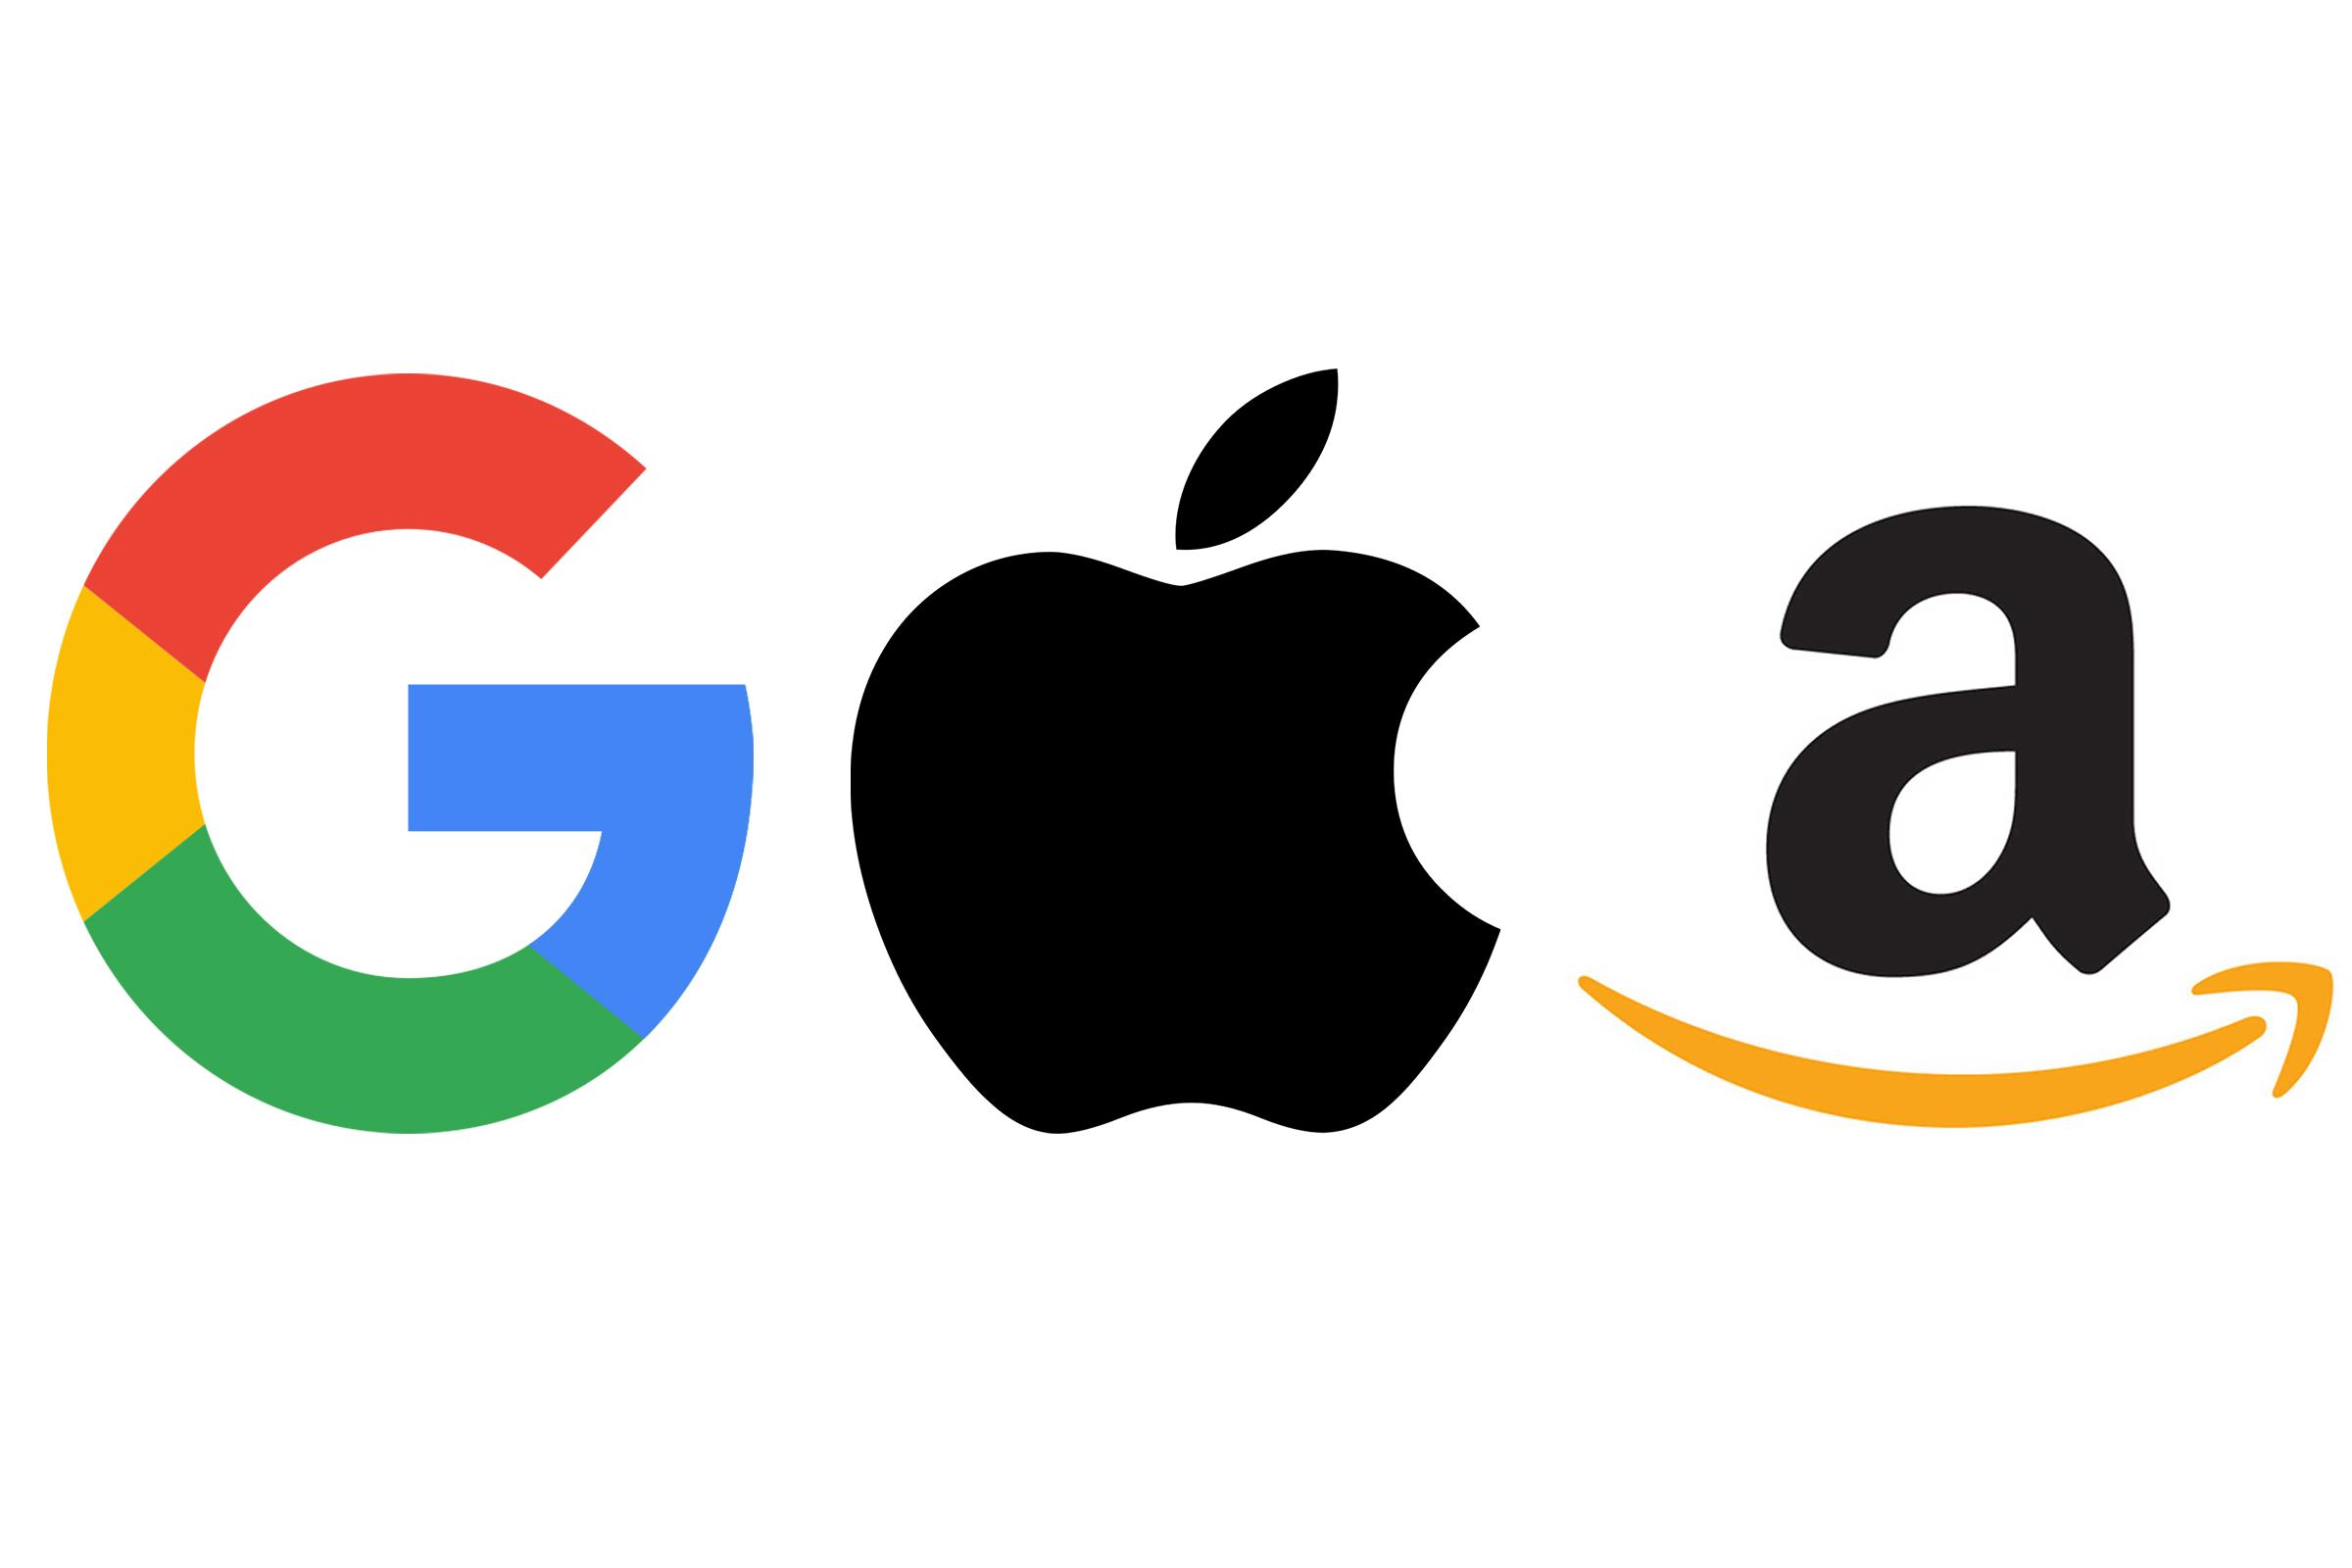 Самсунг занимает шестое место врейтинге самых ценных брендов, который возглавляет Apple